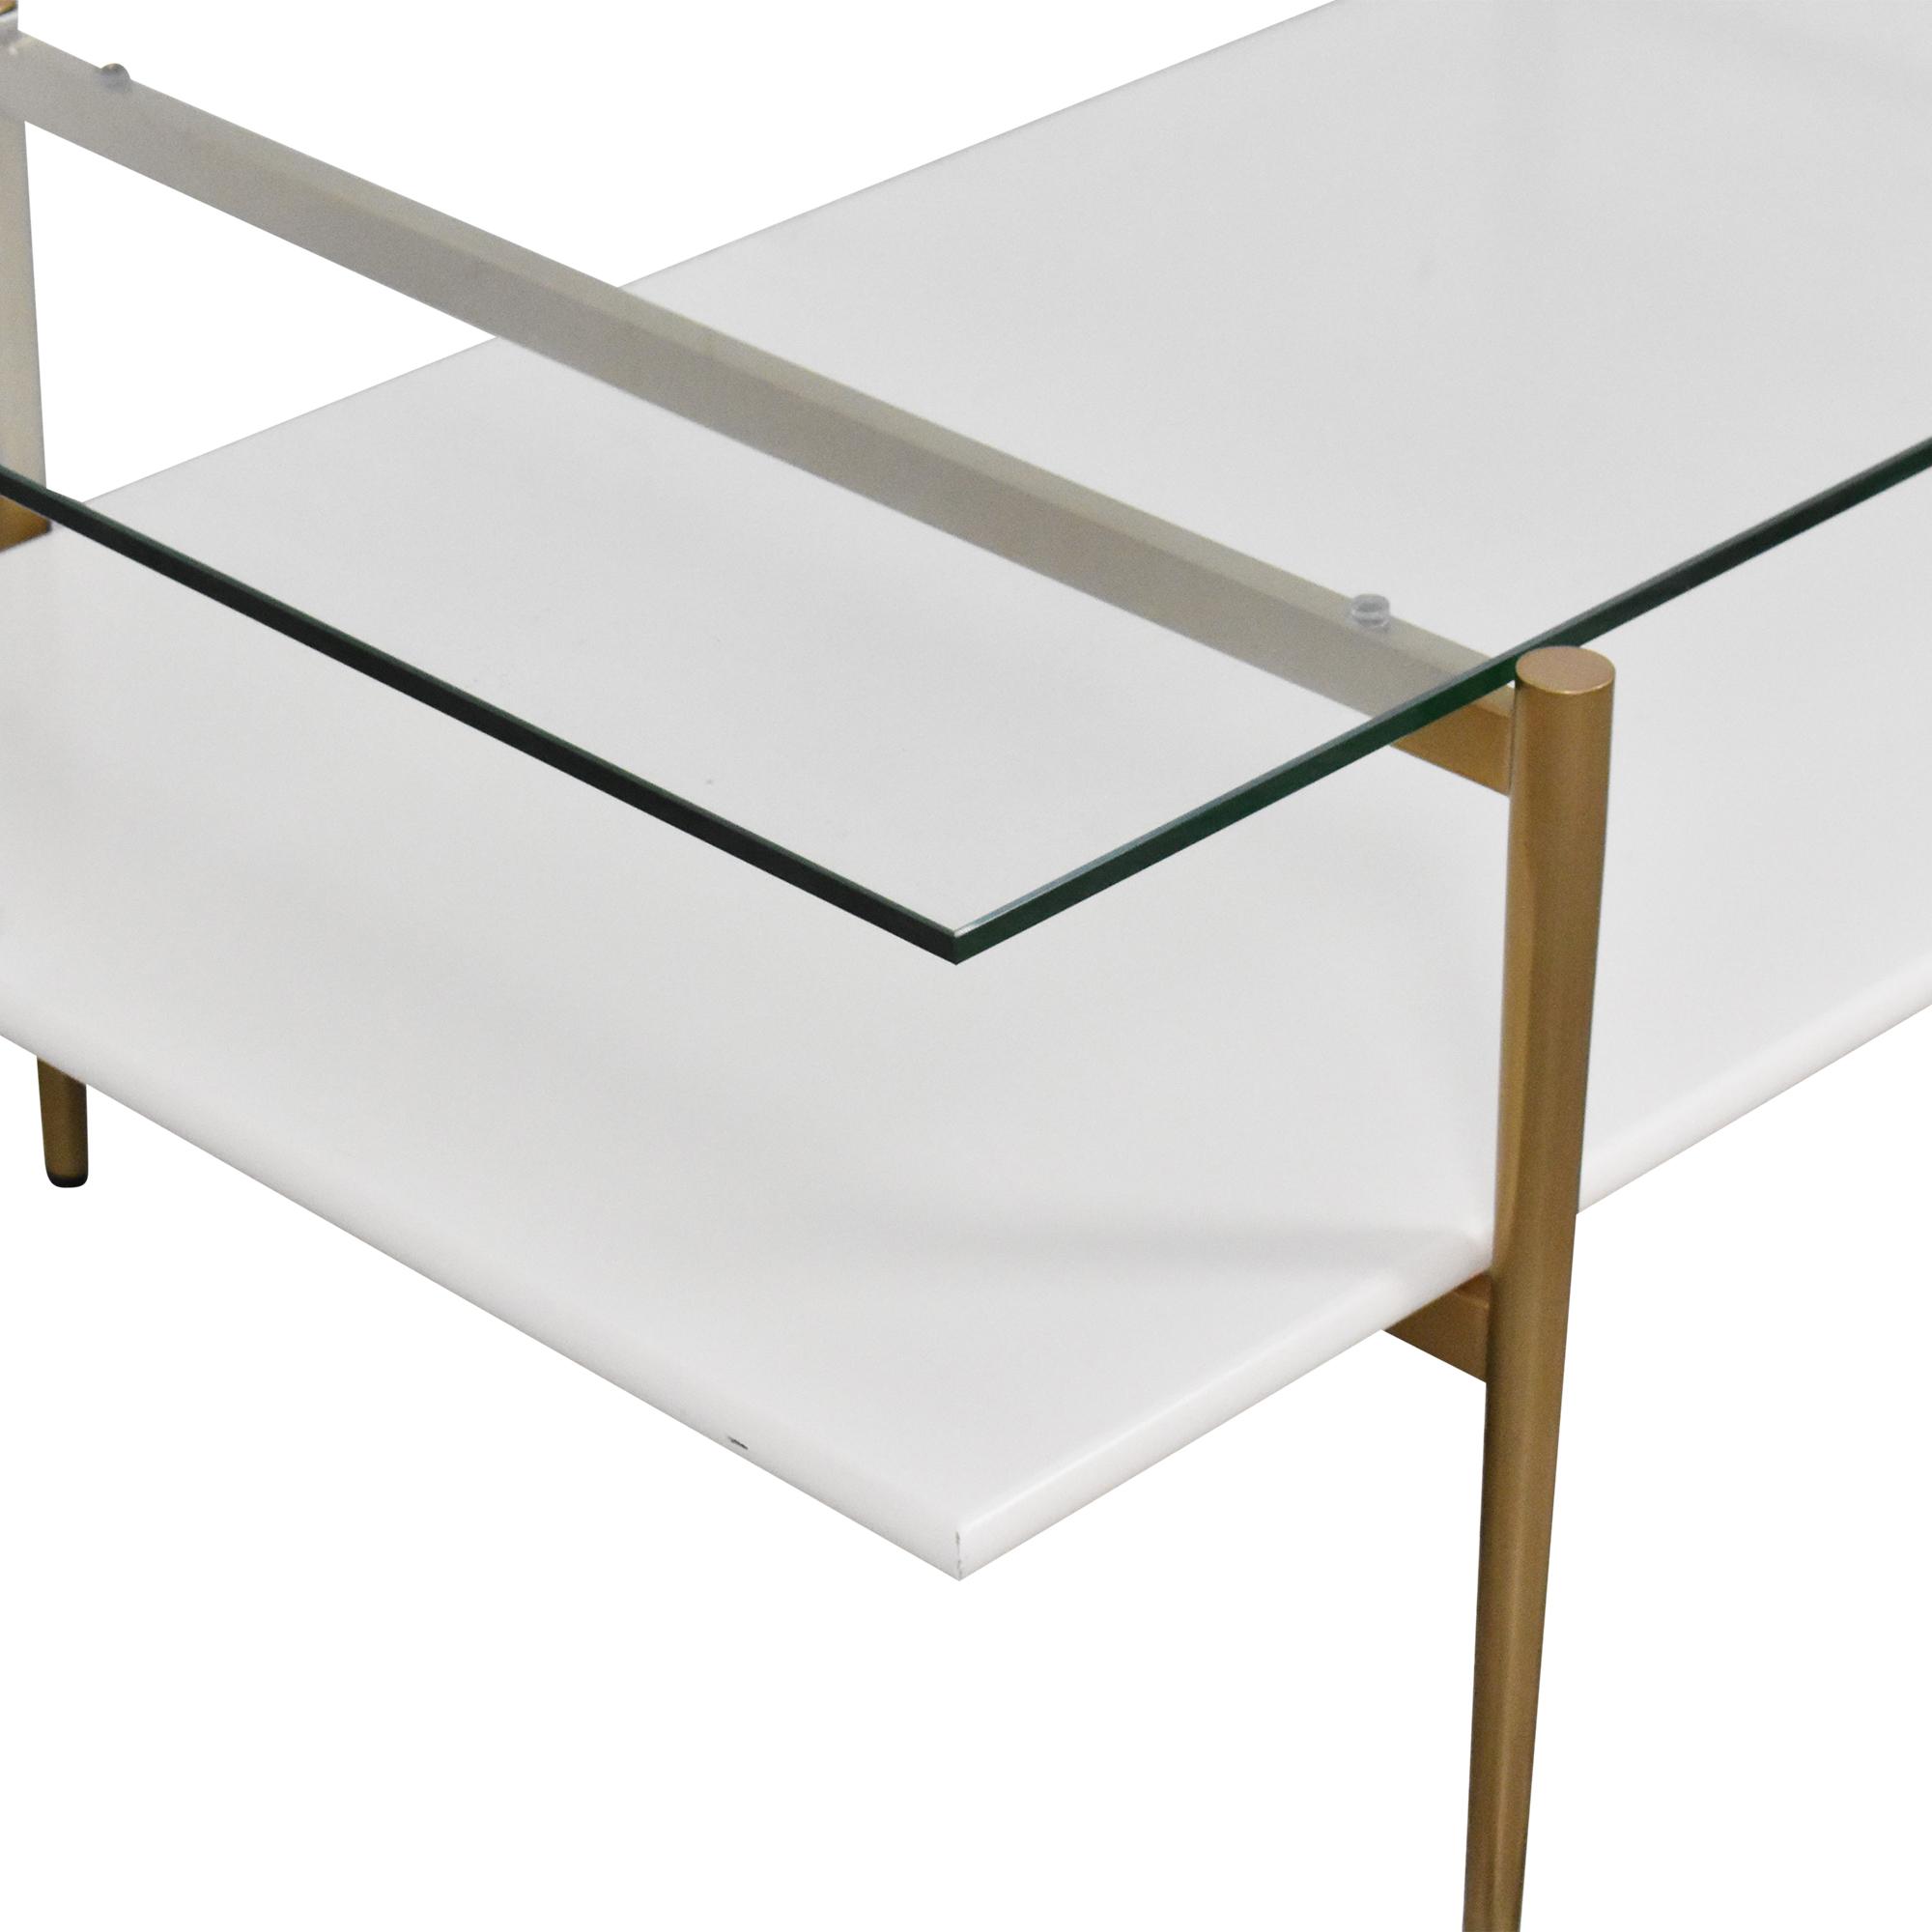 West Elm West Elm Mid Century Art Display Coffee Table on sale